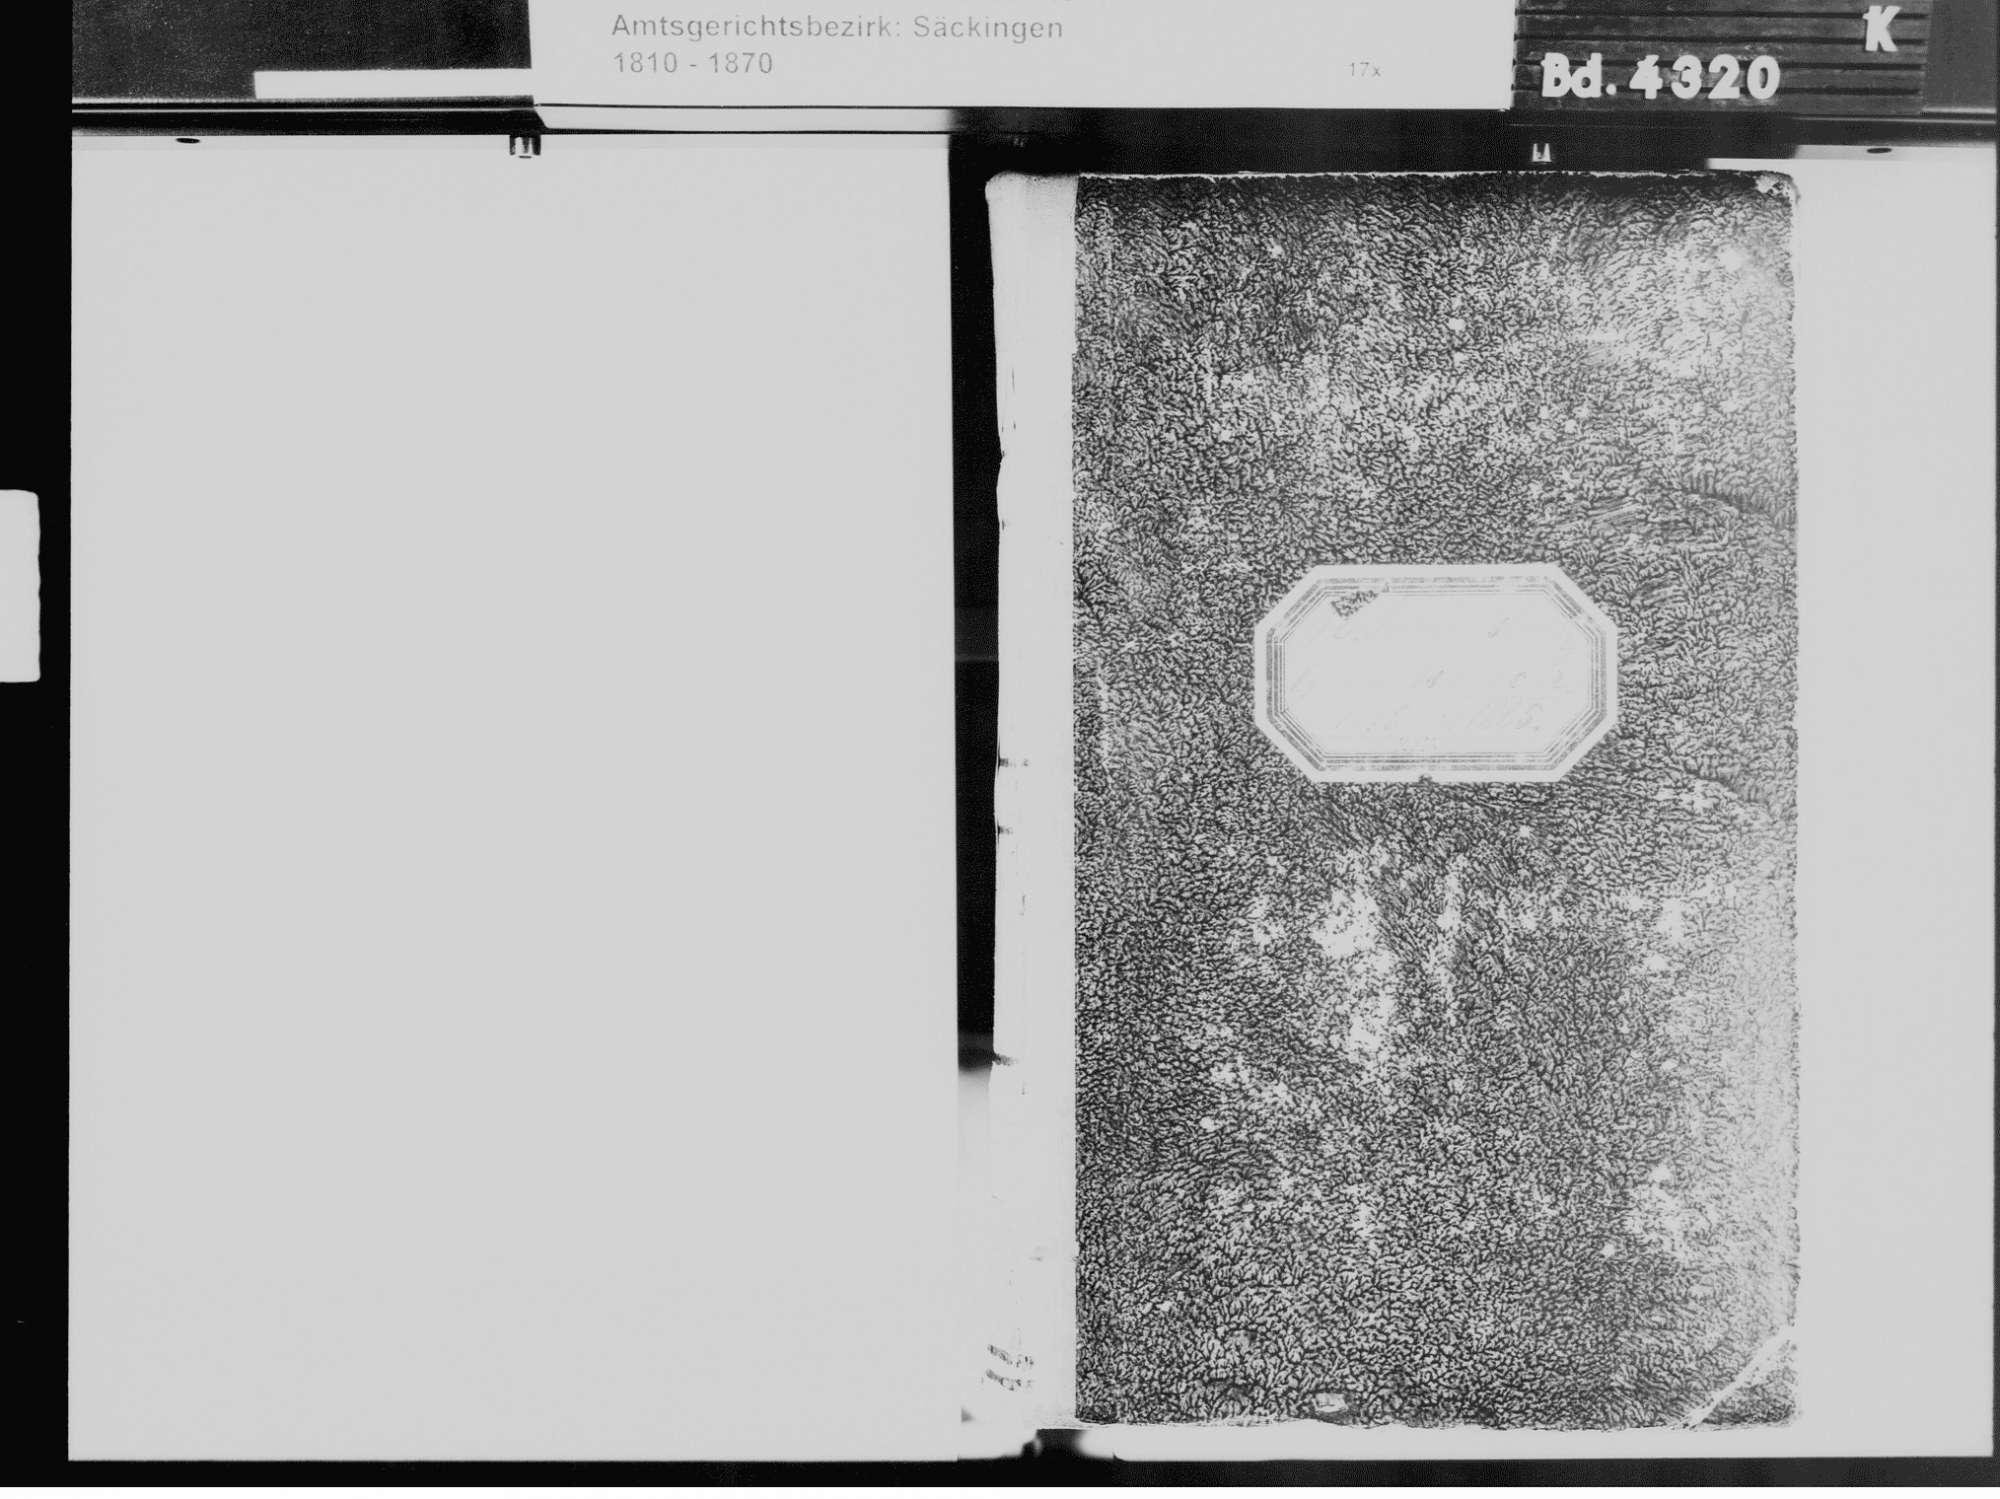 Niederschwörstadt, Schwörstadt LÖ; Katholische Gemeinde: Geburtenbuch 1810-1865 Niederschwörstadt, Schwörstadt LÖ; Katholische Gemeinde: Heiratsbuch 1811, 1814 Niederschwörstadt, Schwörstadt LÖ; Katholische Gemeinde: Sterbebuch 1810, 1811, 1814, Bild 3